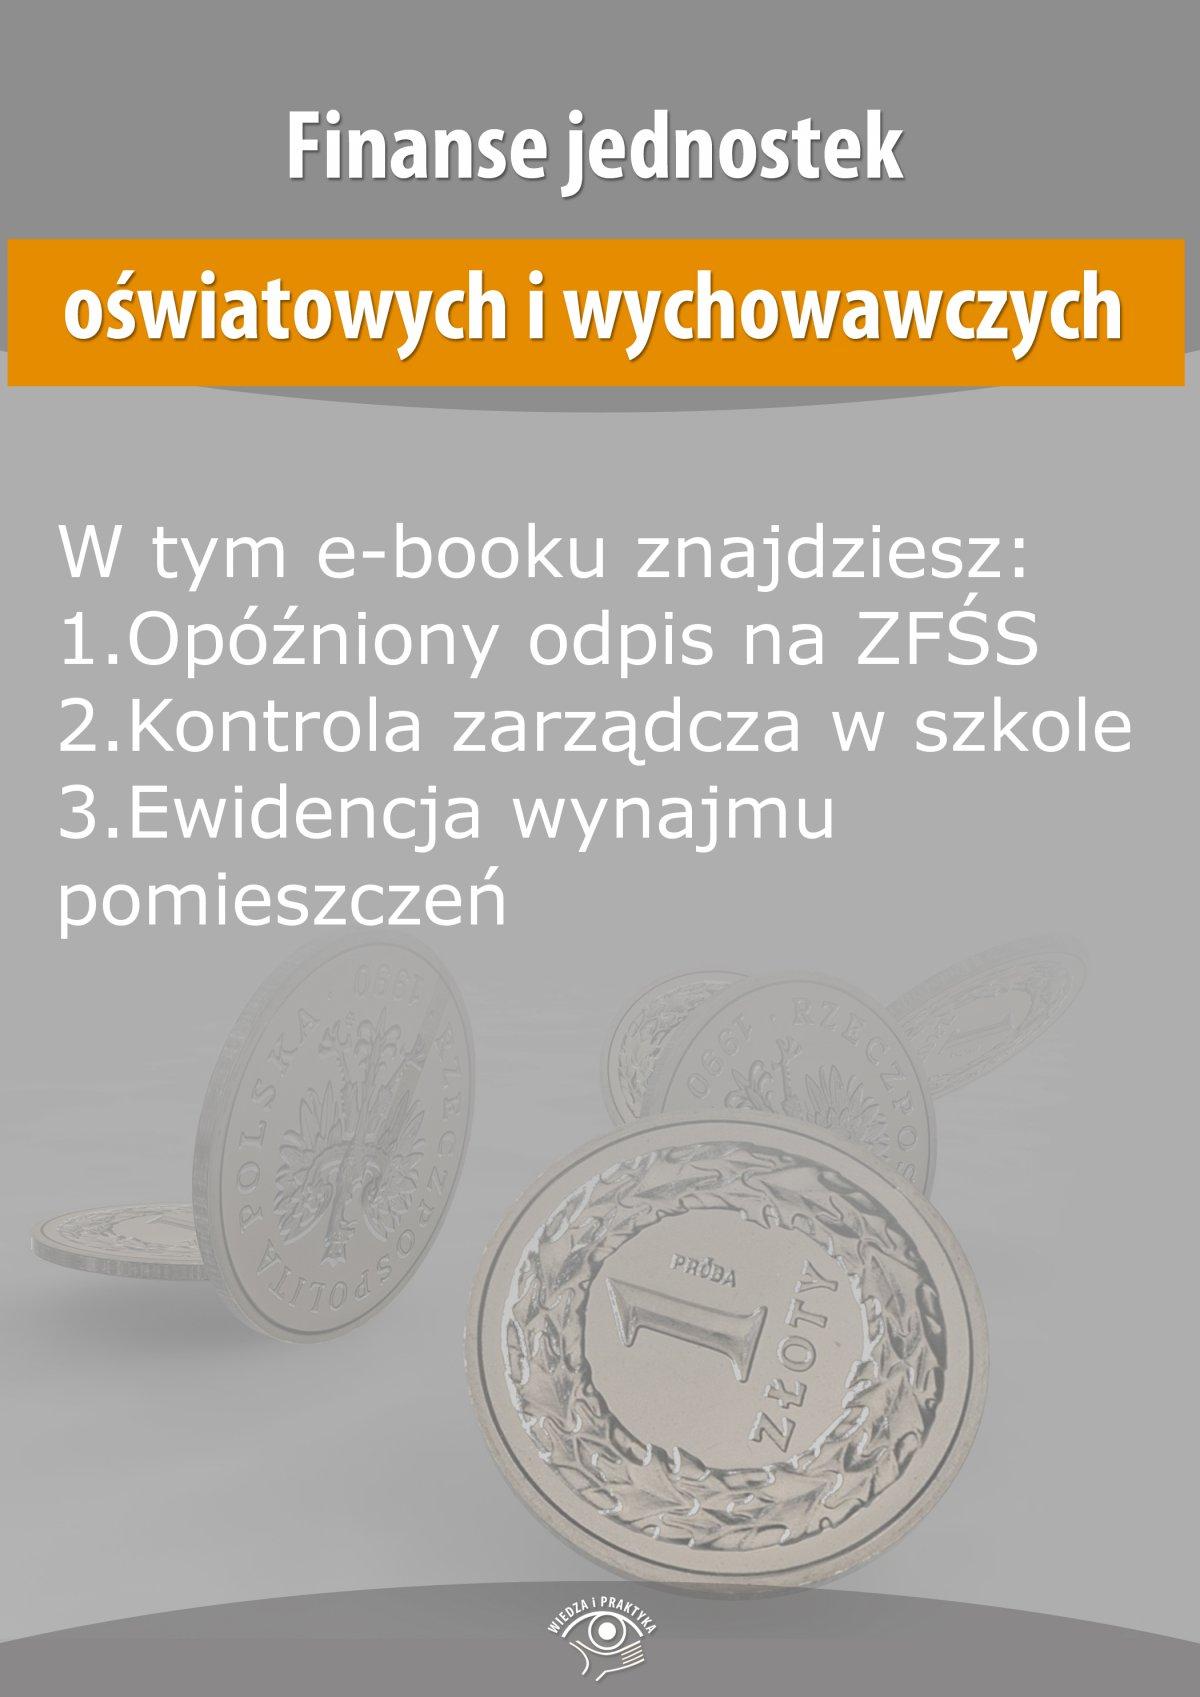 Finanse jednostek oświatowych i wychowawczych, wydanie sierpień 2015 r. - Ebook (Książka EPUB) do pobrania w formacie EPUB